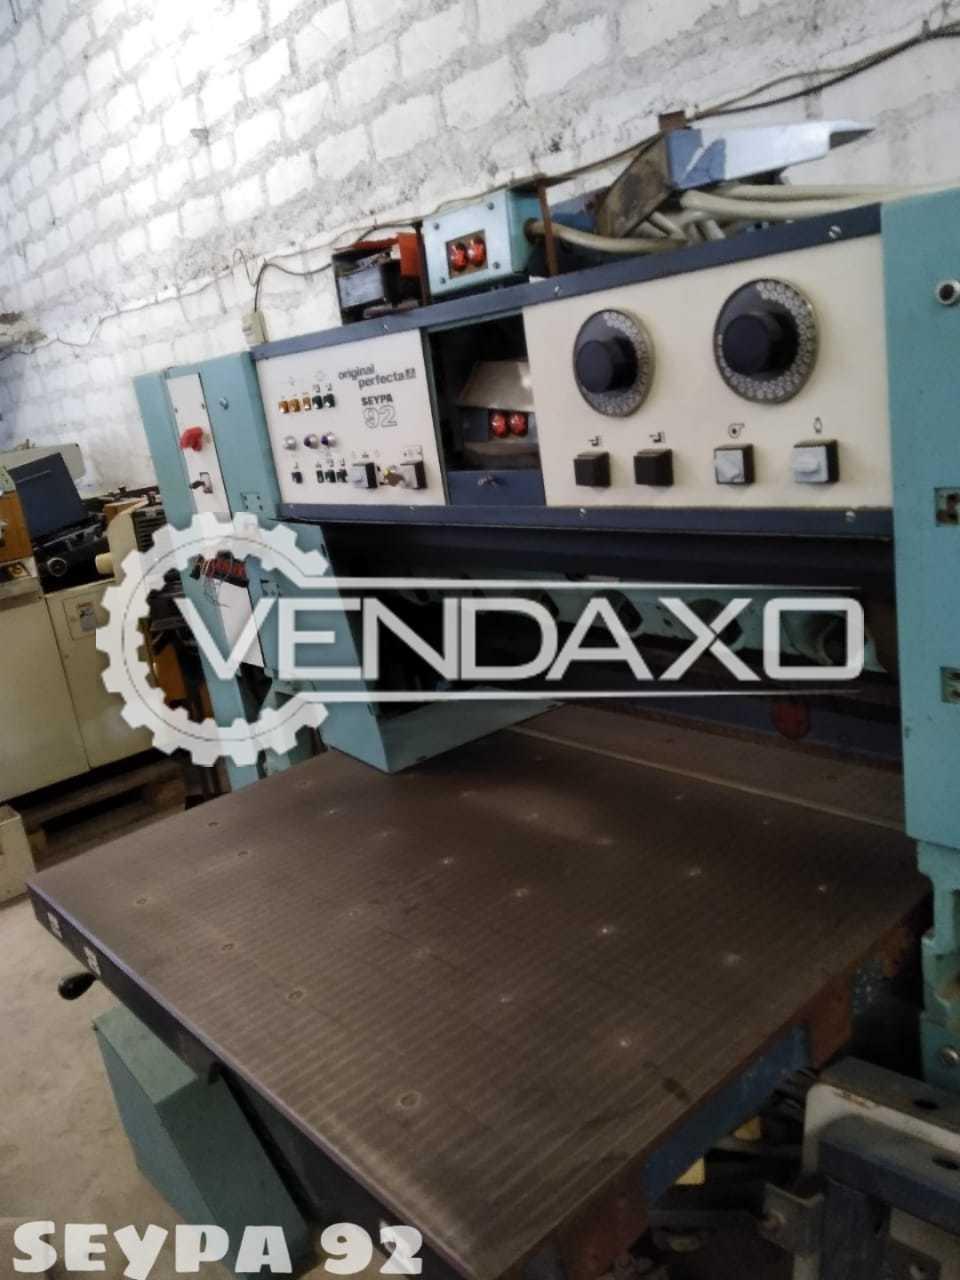 Perfecta Seypa 92 Paper Cutting Machine - Size - 36 Inch